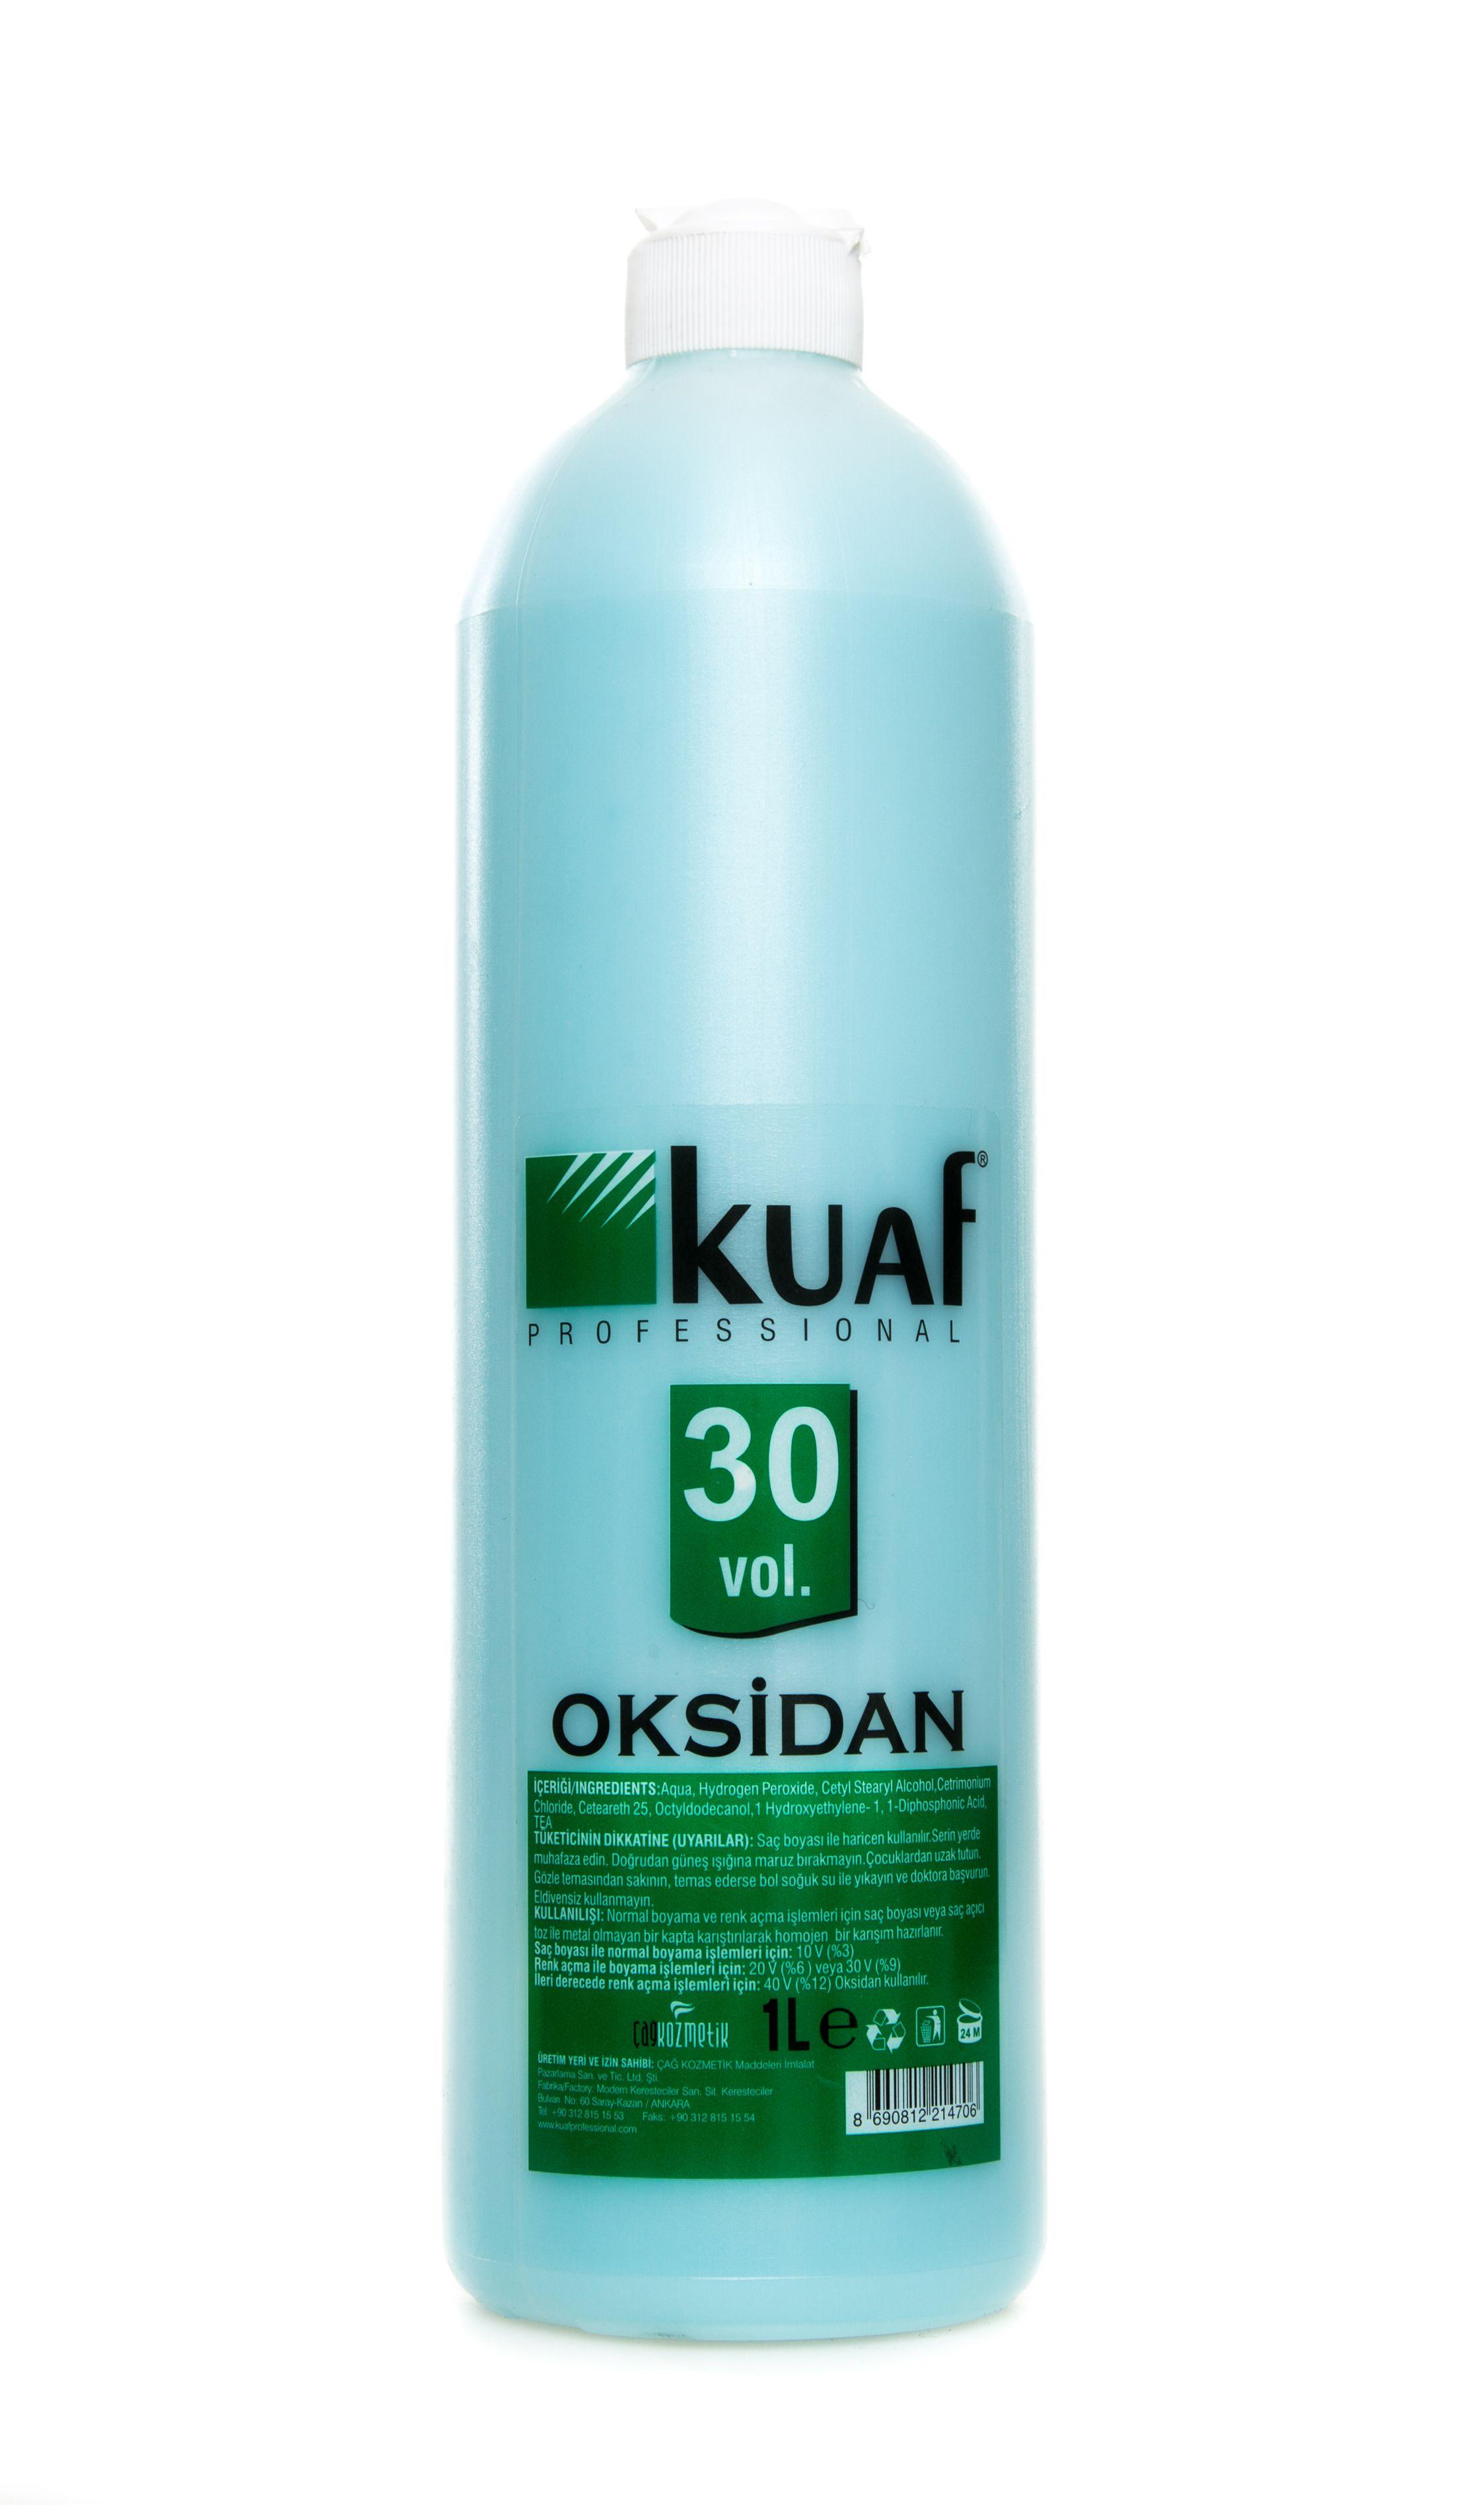 Kuaf Mavi Oksidan 30 Vol 1 Lt Benzersiz Krem Formulu Ile